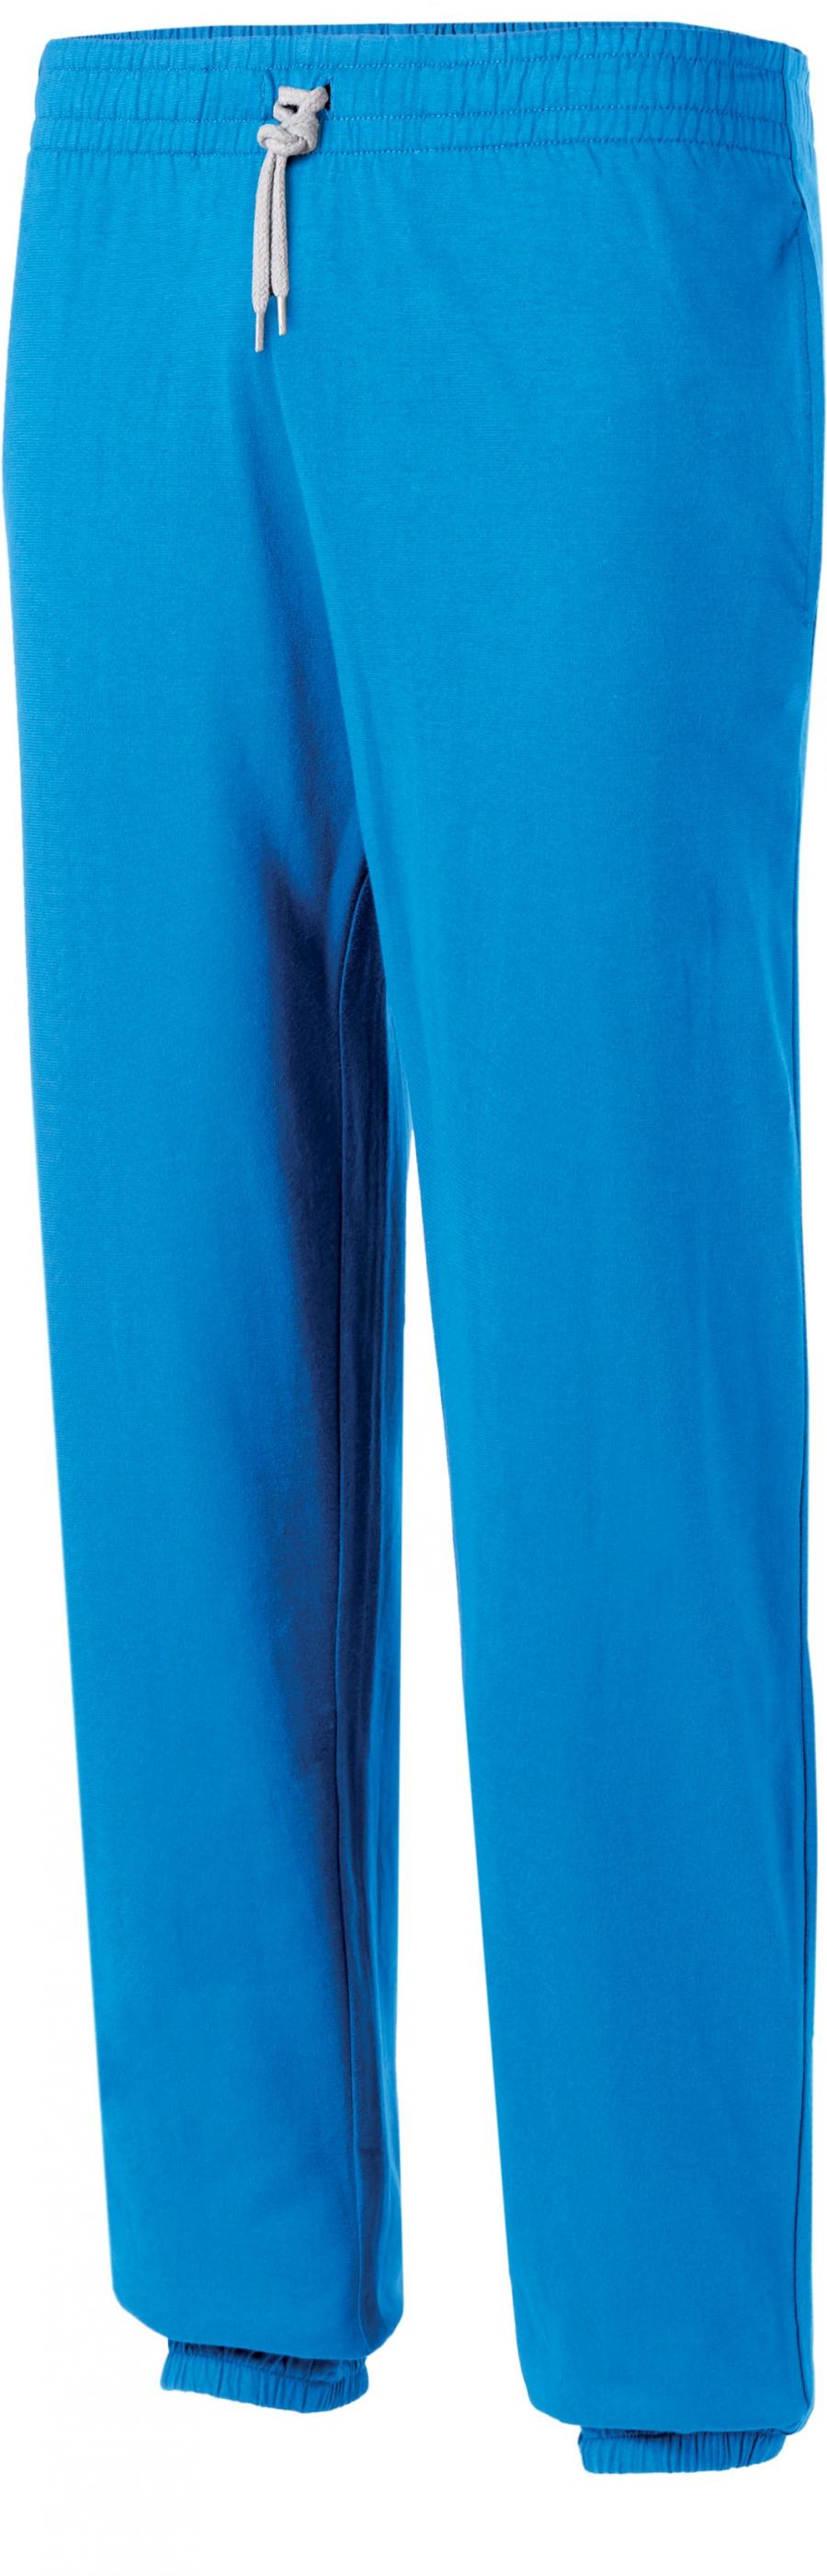 Pantalon de jogging en coton léger unisexe - 2-1370-4